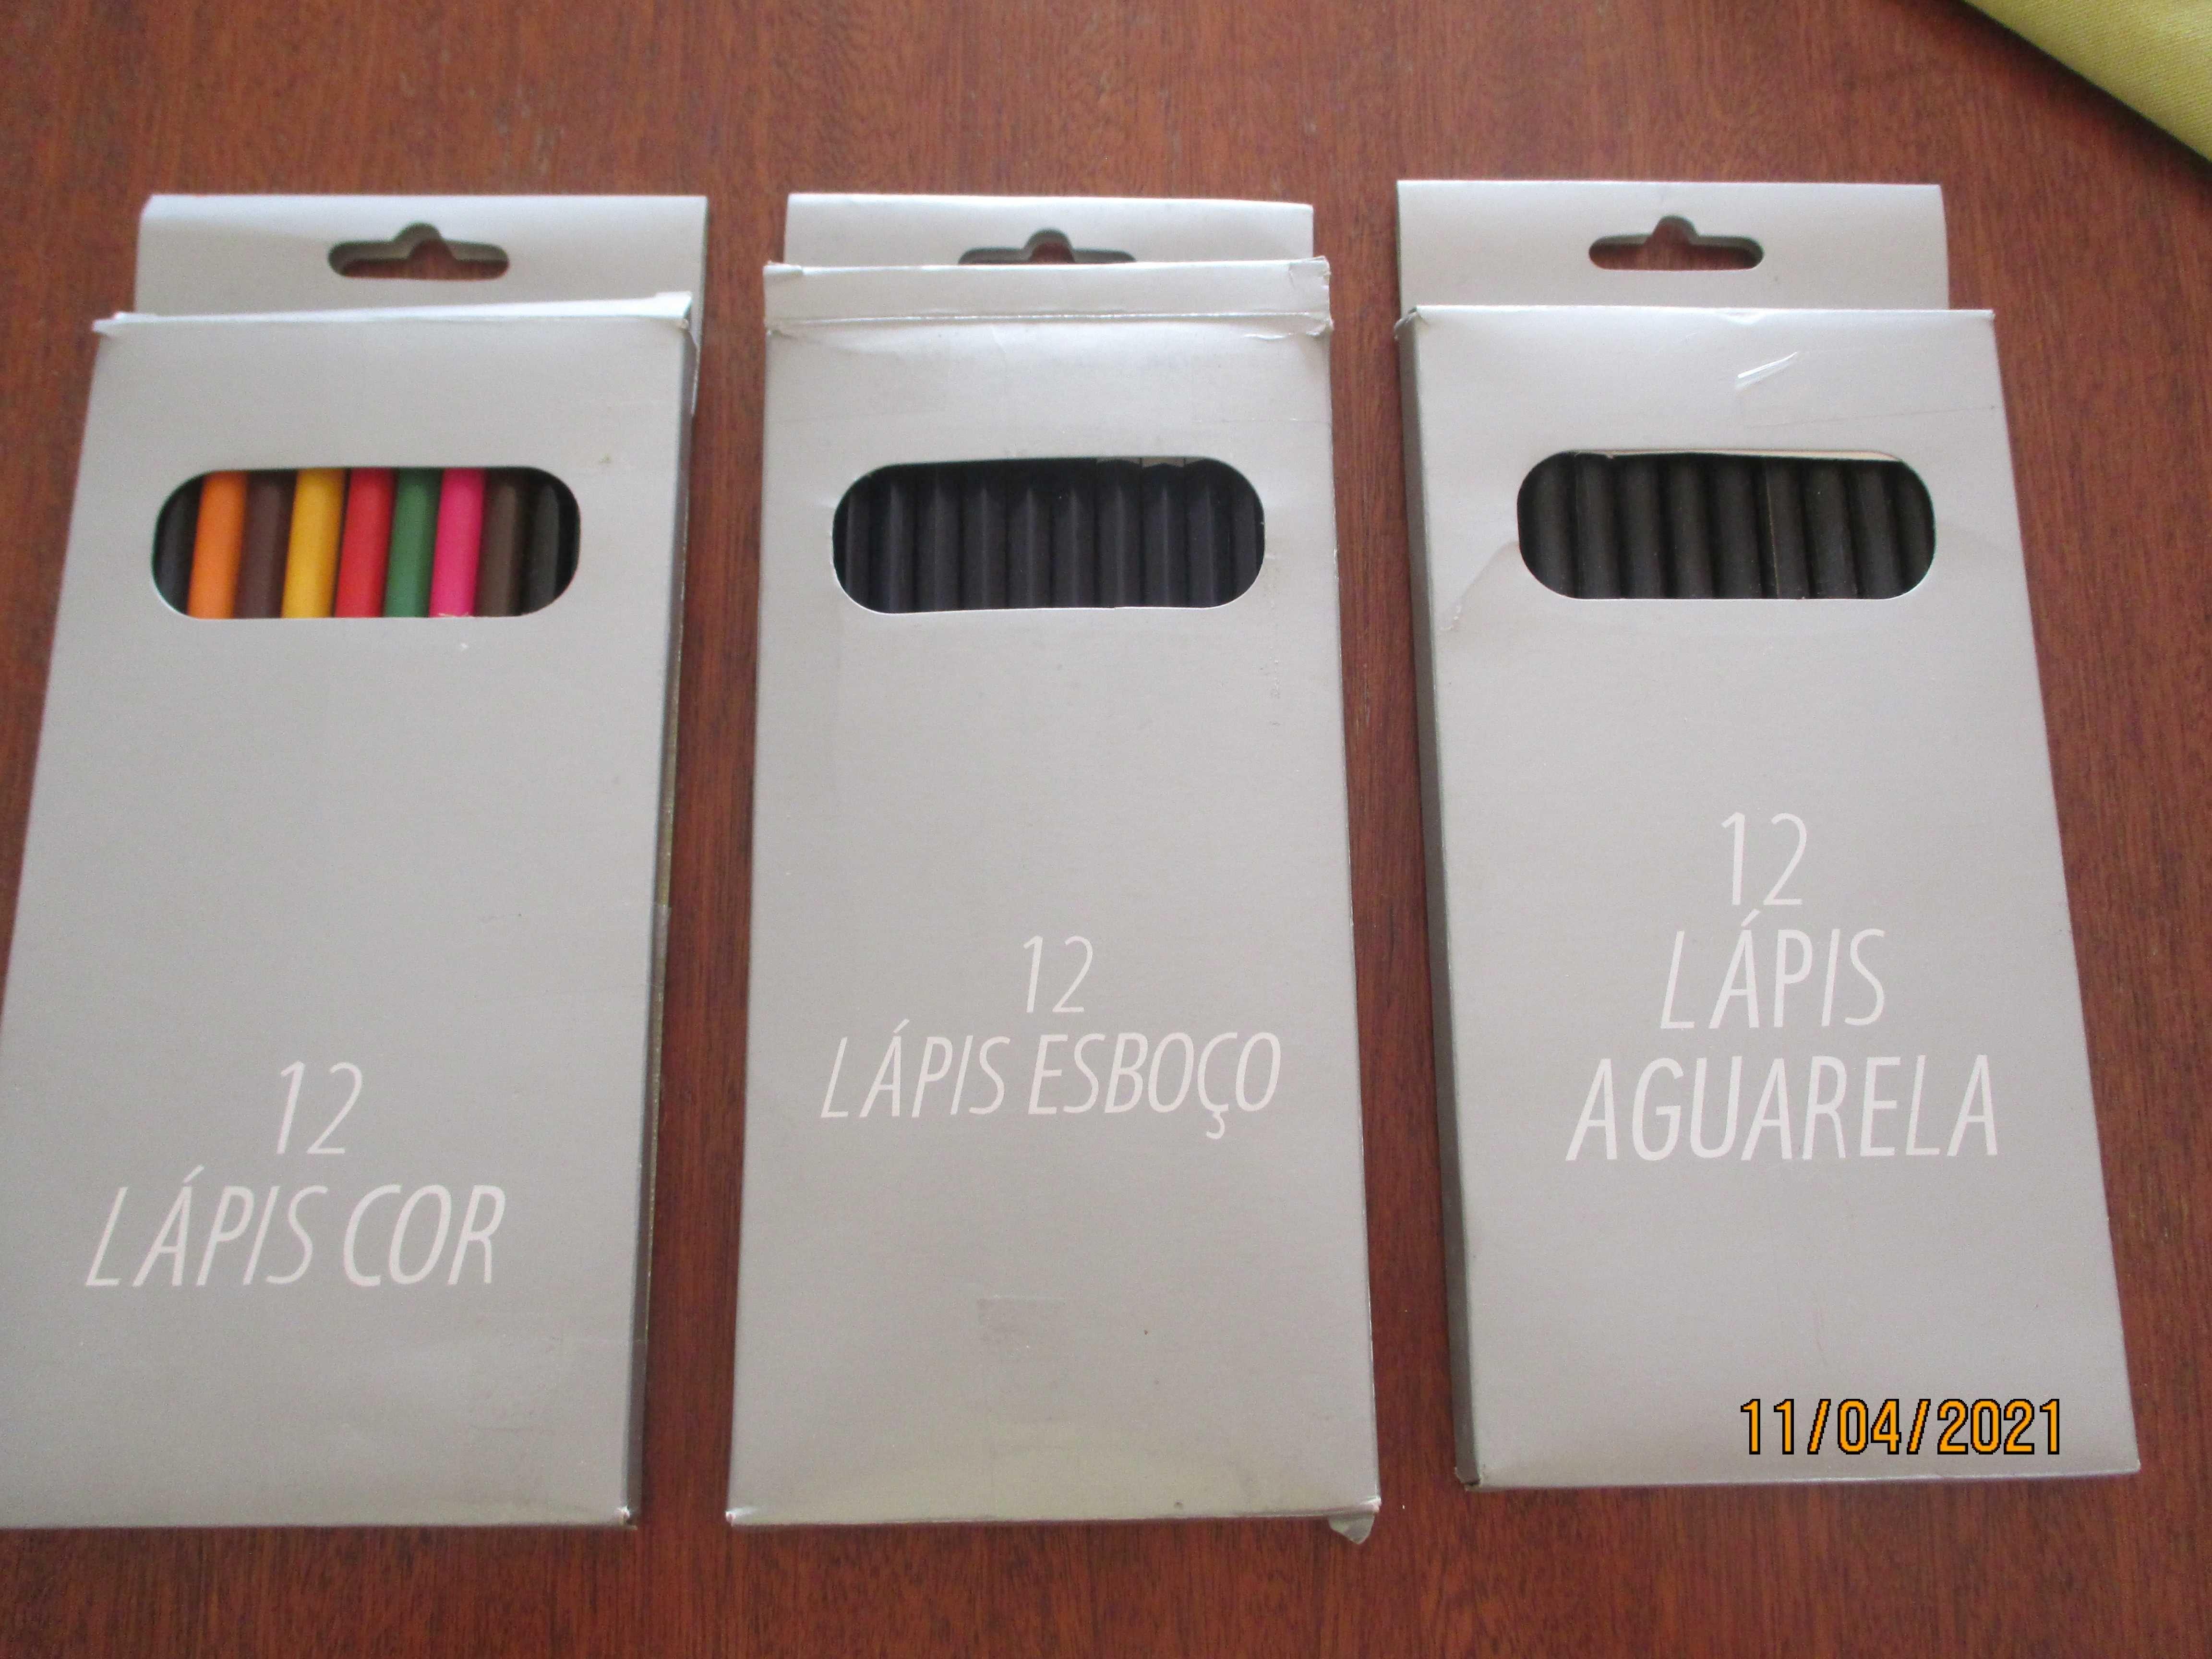 3 cx com 12 lápis cada  - Aguarela, esboço e de cores